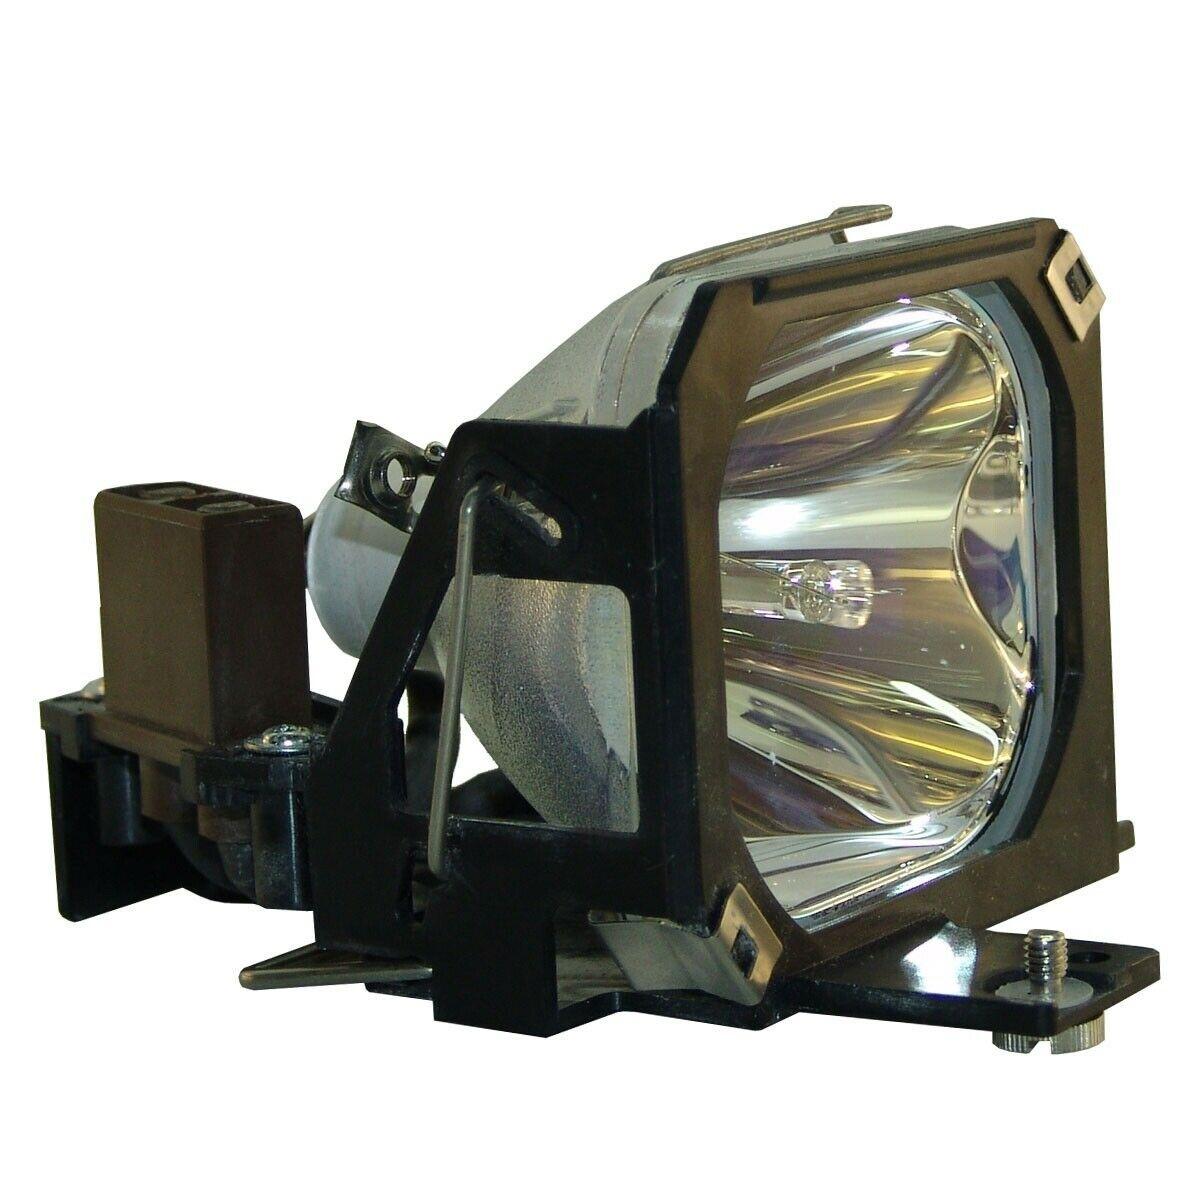 ELPLP07 V13H010L07 لإبسون EMP-5550 EMP-7550 Powerlite 5550 Powerlite 7550 العارض المصباح الكهربي مع الإسكان